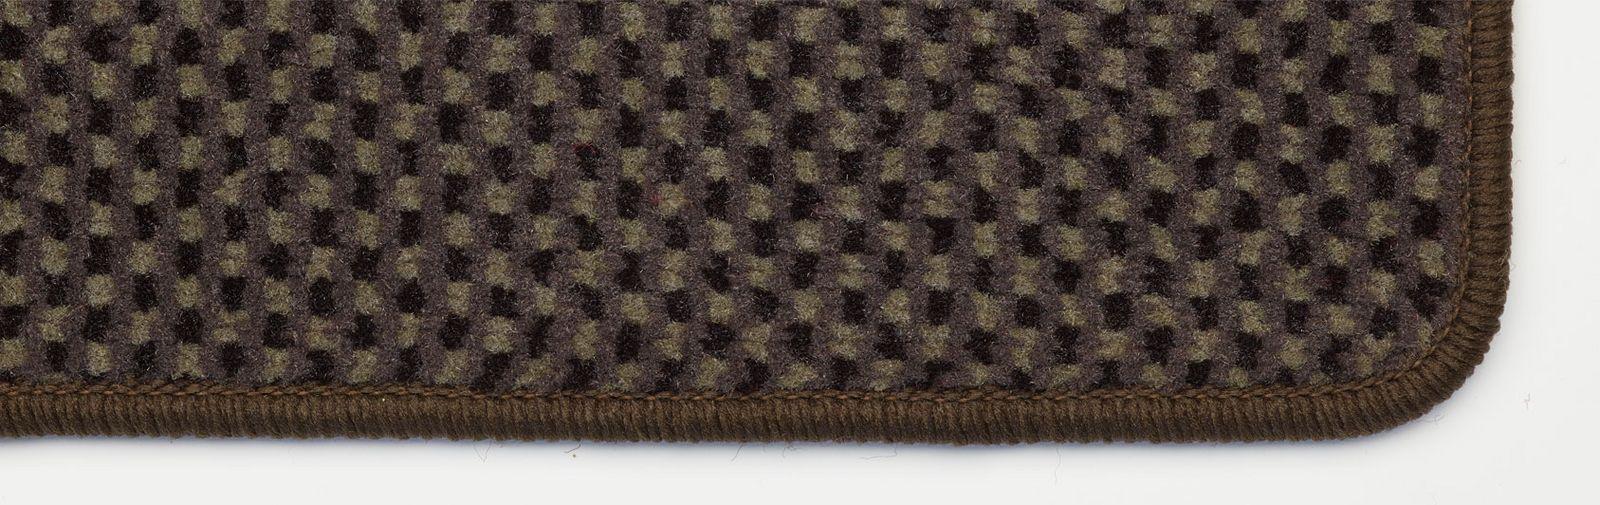 dirt trapper carpet robusta color quartz color code 866